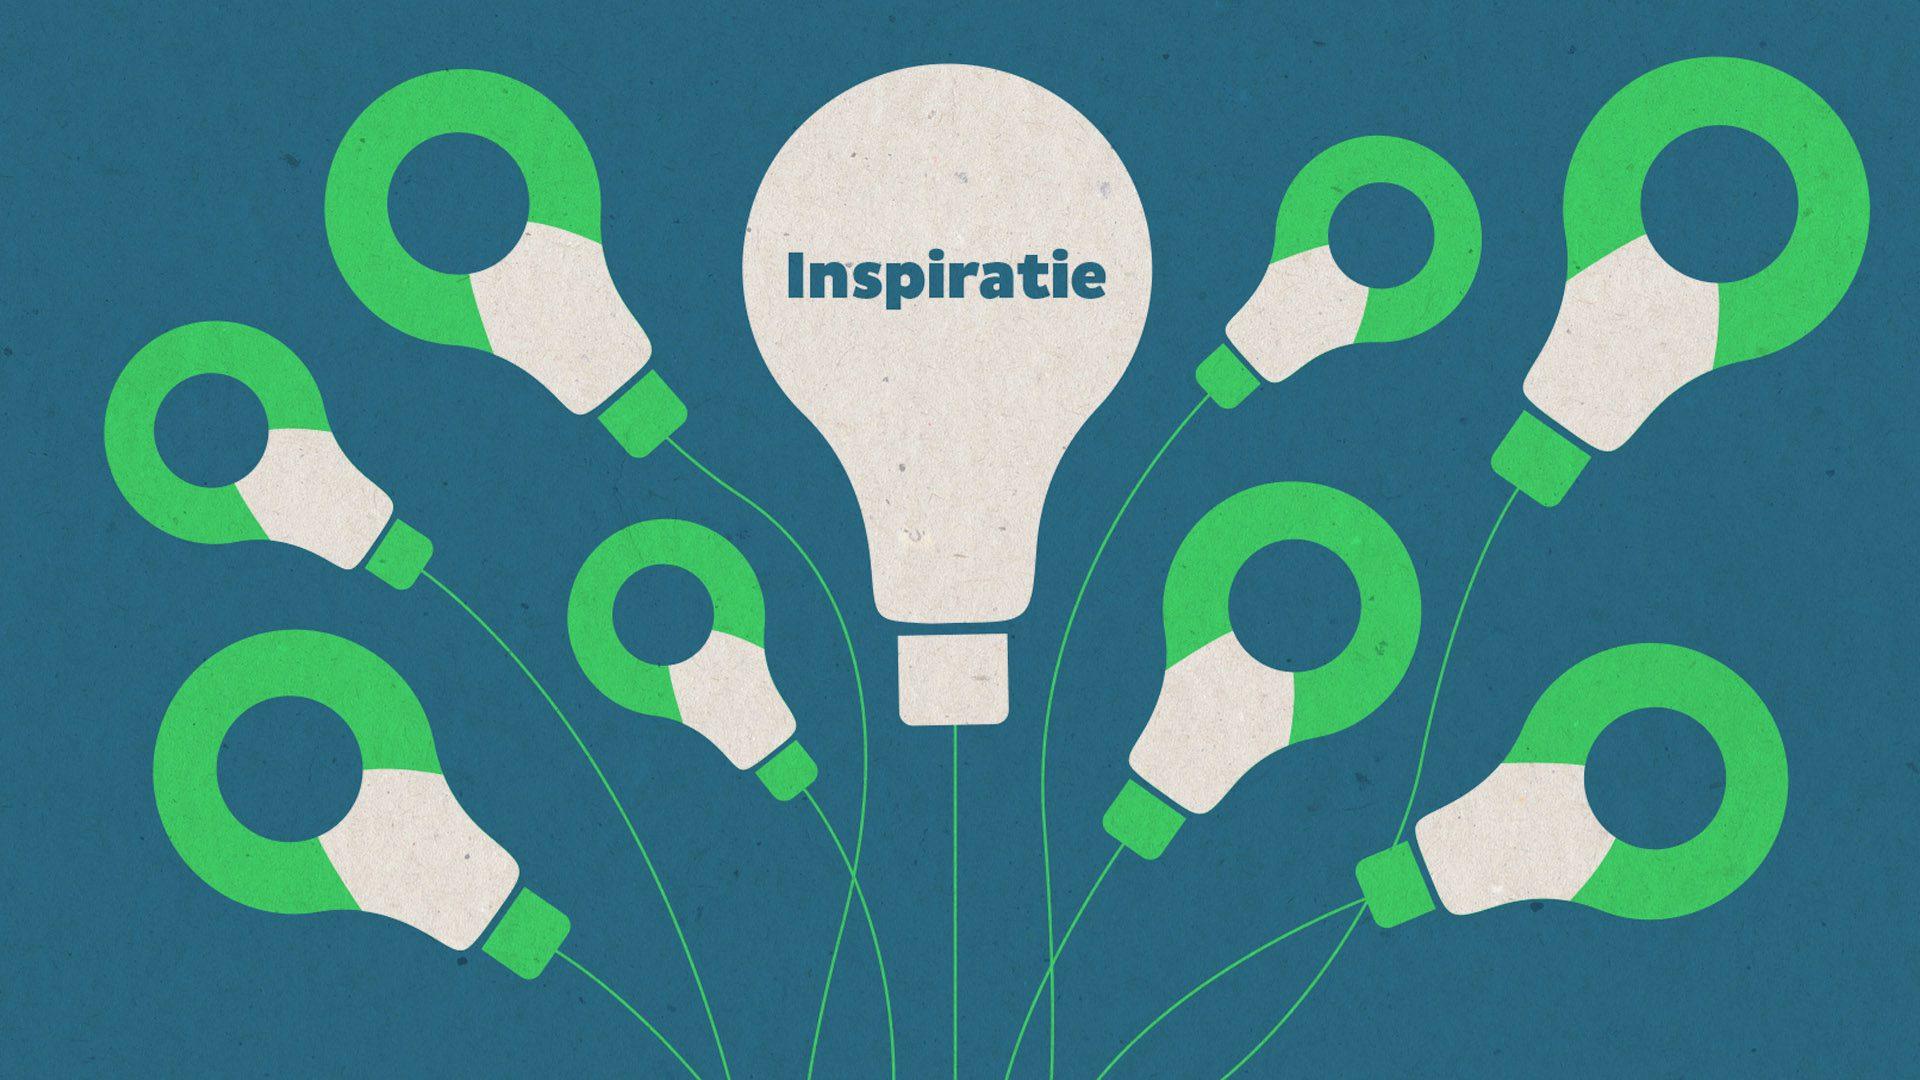 Online Energizer Inspiratie